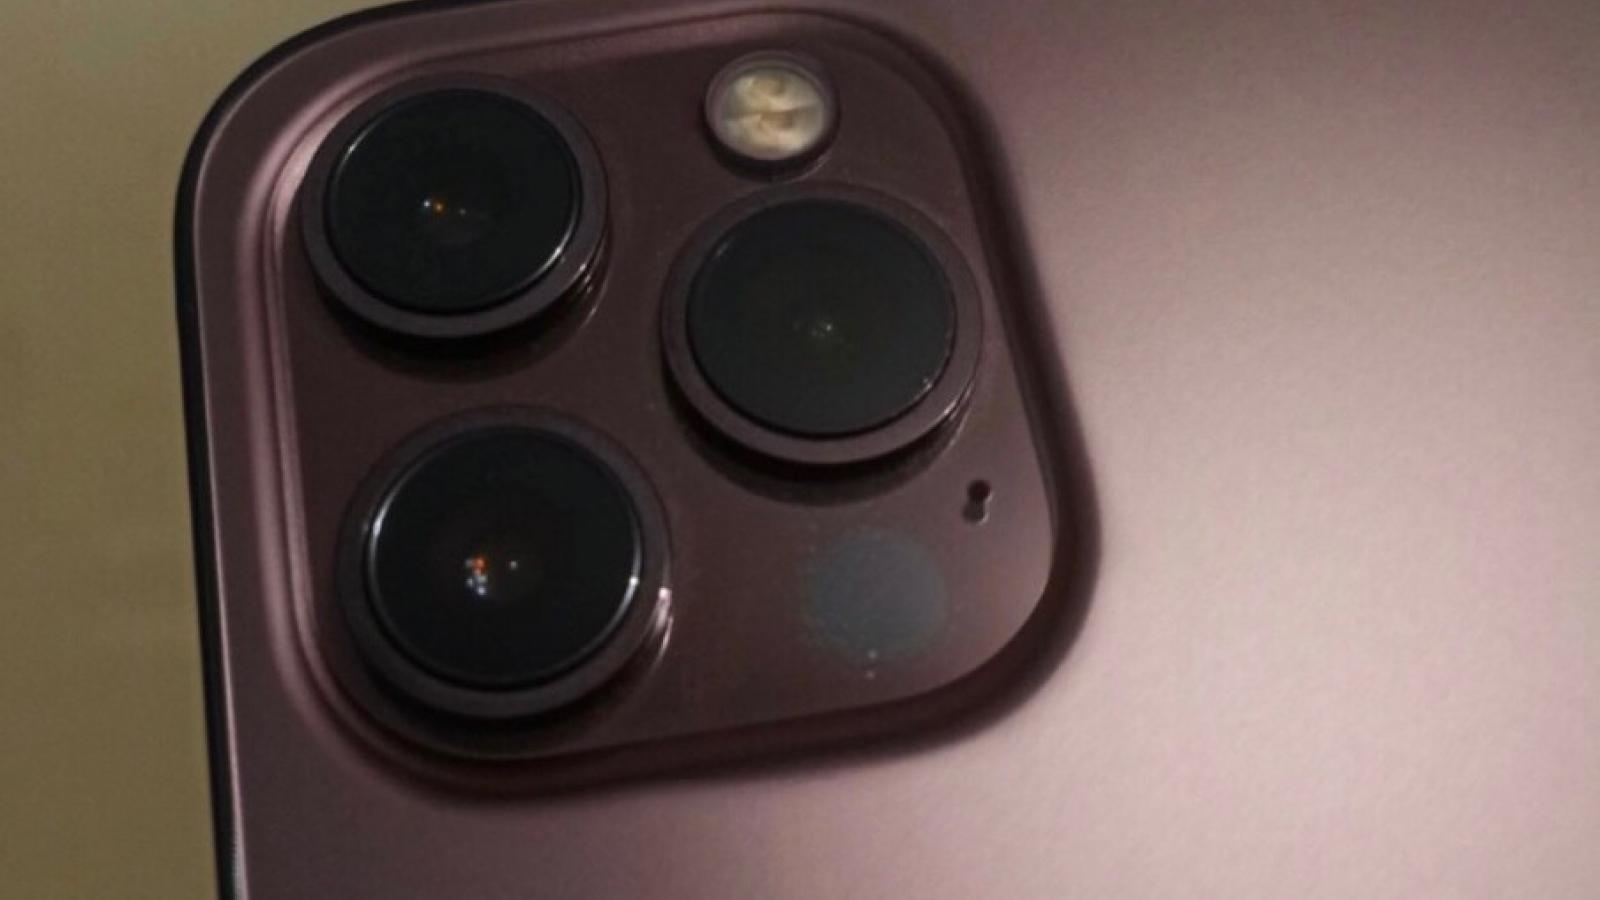 Rò rỉ mẫu iPhone 13 Pro với màu sắc bí ẩn